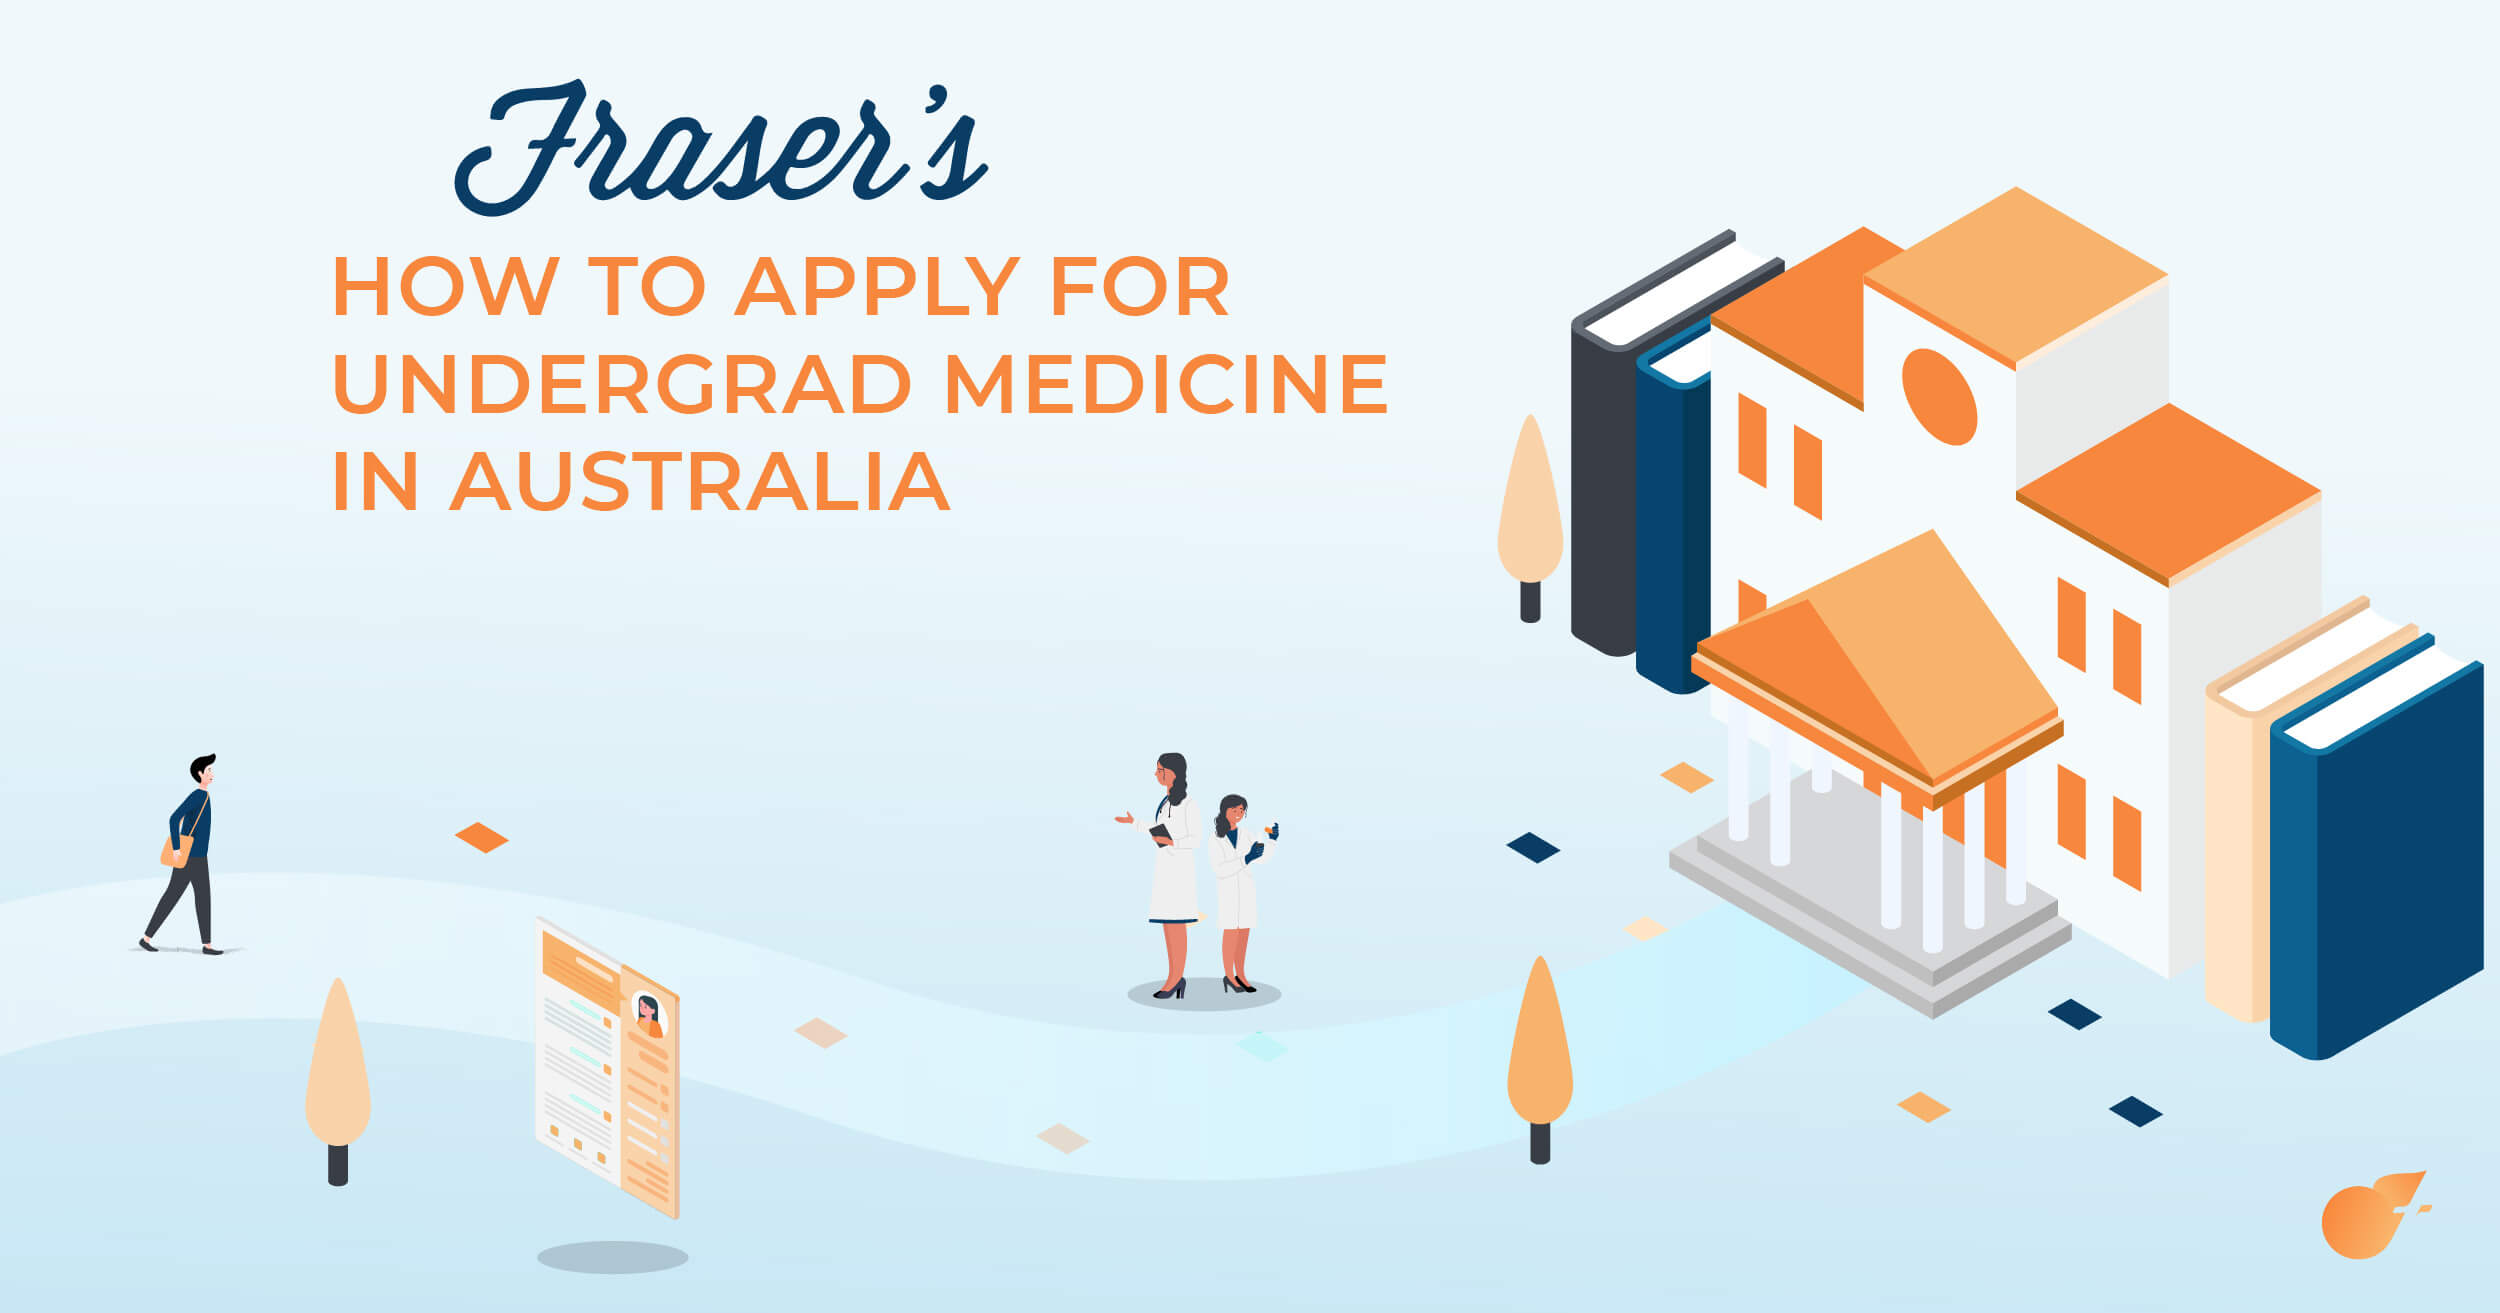 Undergrad Medicine in Australia